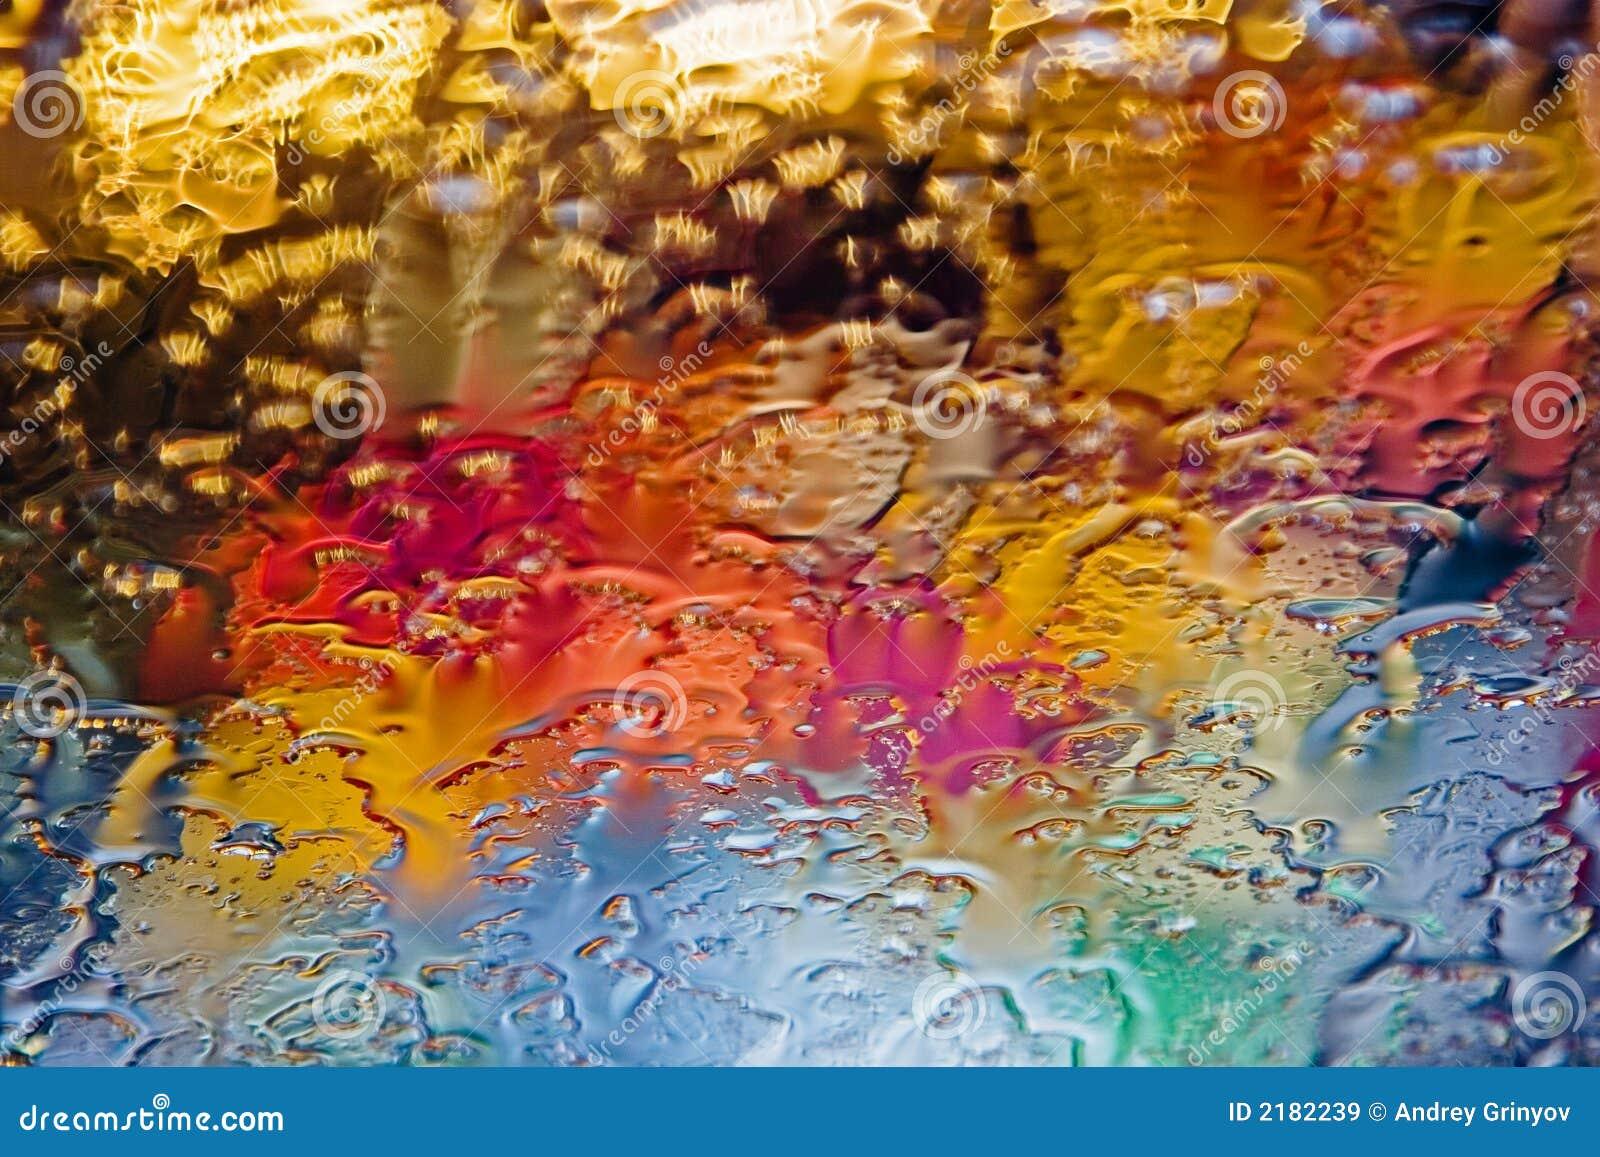 Gocce Colorate Sul Vetro Immagini Stock Libere da Diritti - Immagine: 2182239